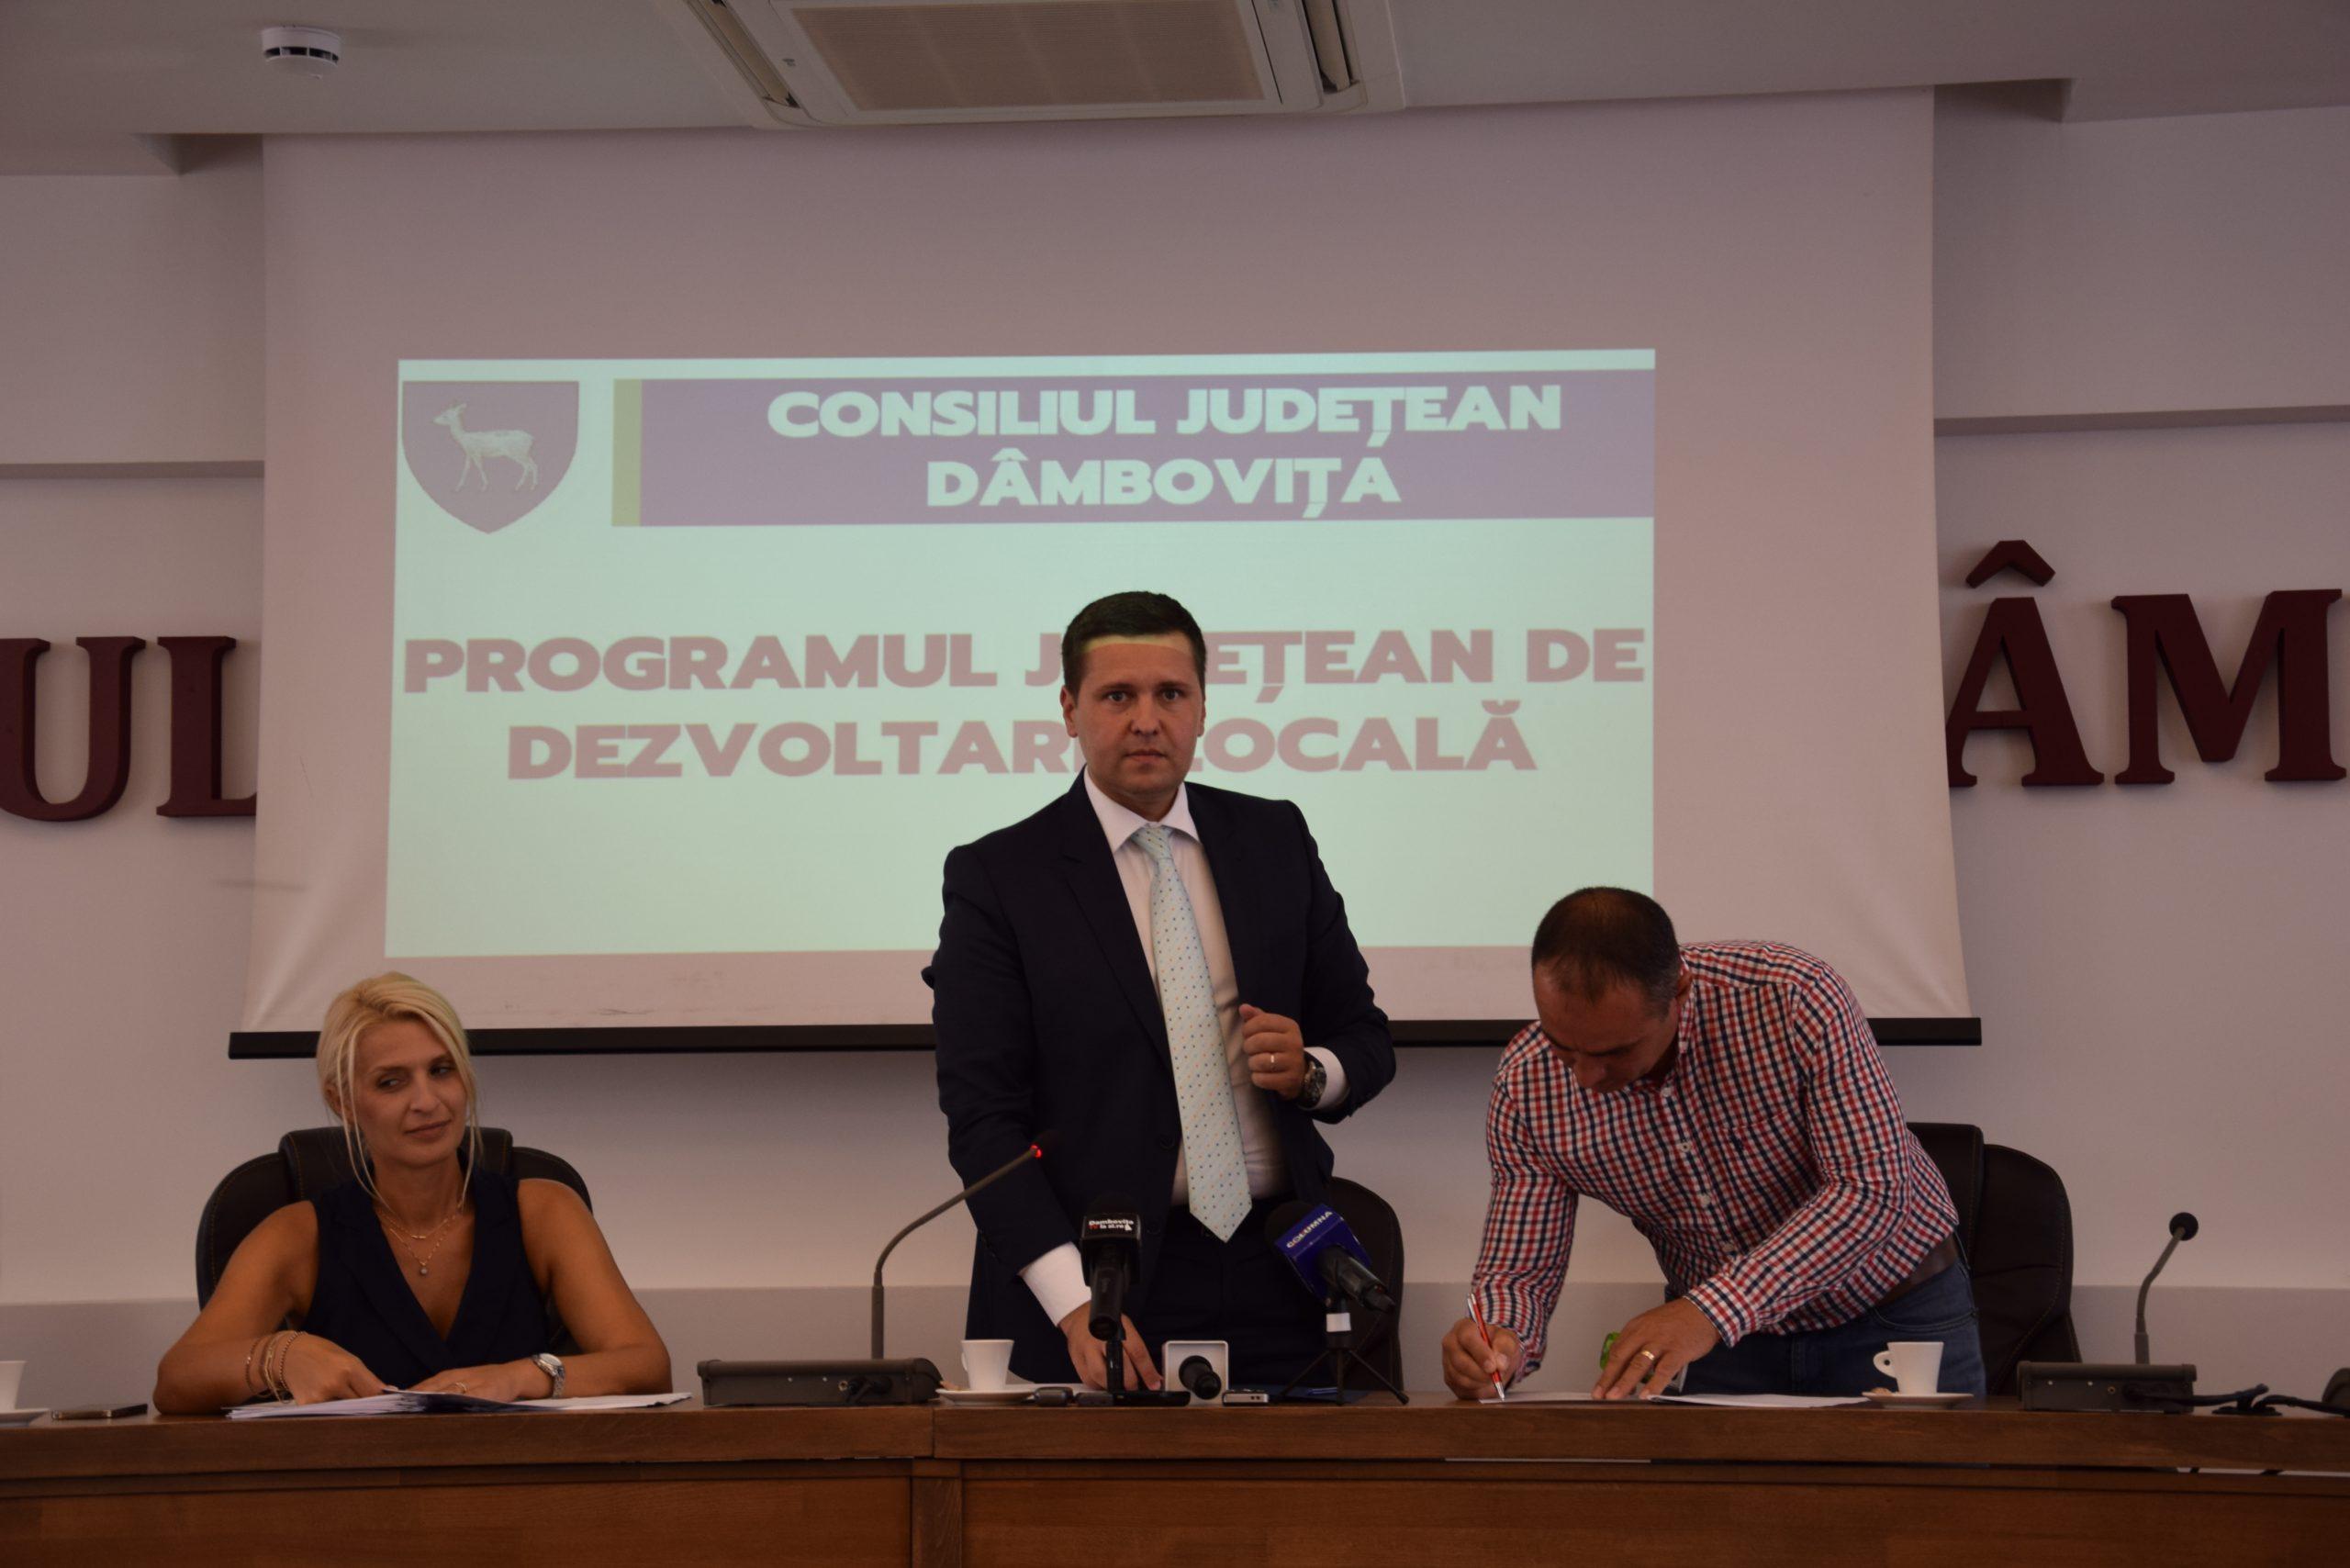 Prin intermediul PJDL, alte contracte de finanțare de lucrări au fost semnate astăzi de președintele CJD, Corneliu Ștefan, cu unități administrativ-teritoriale din județul Dâmbovița